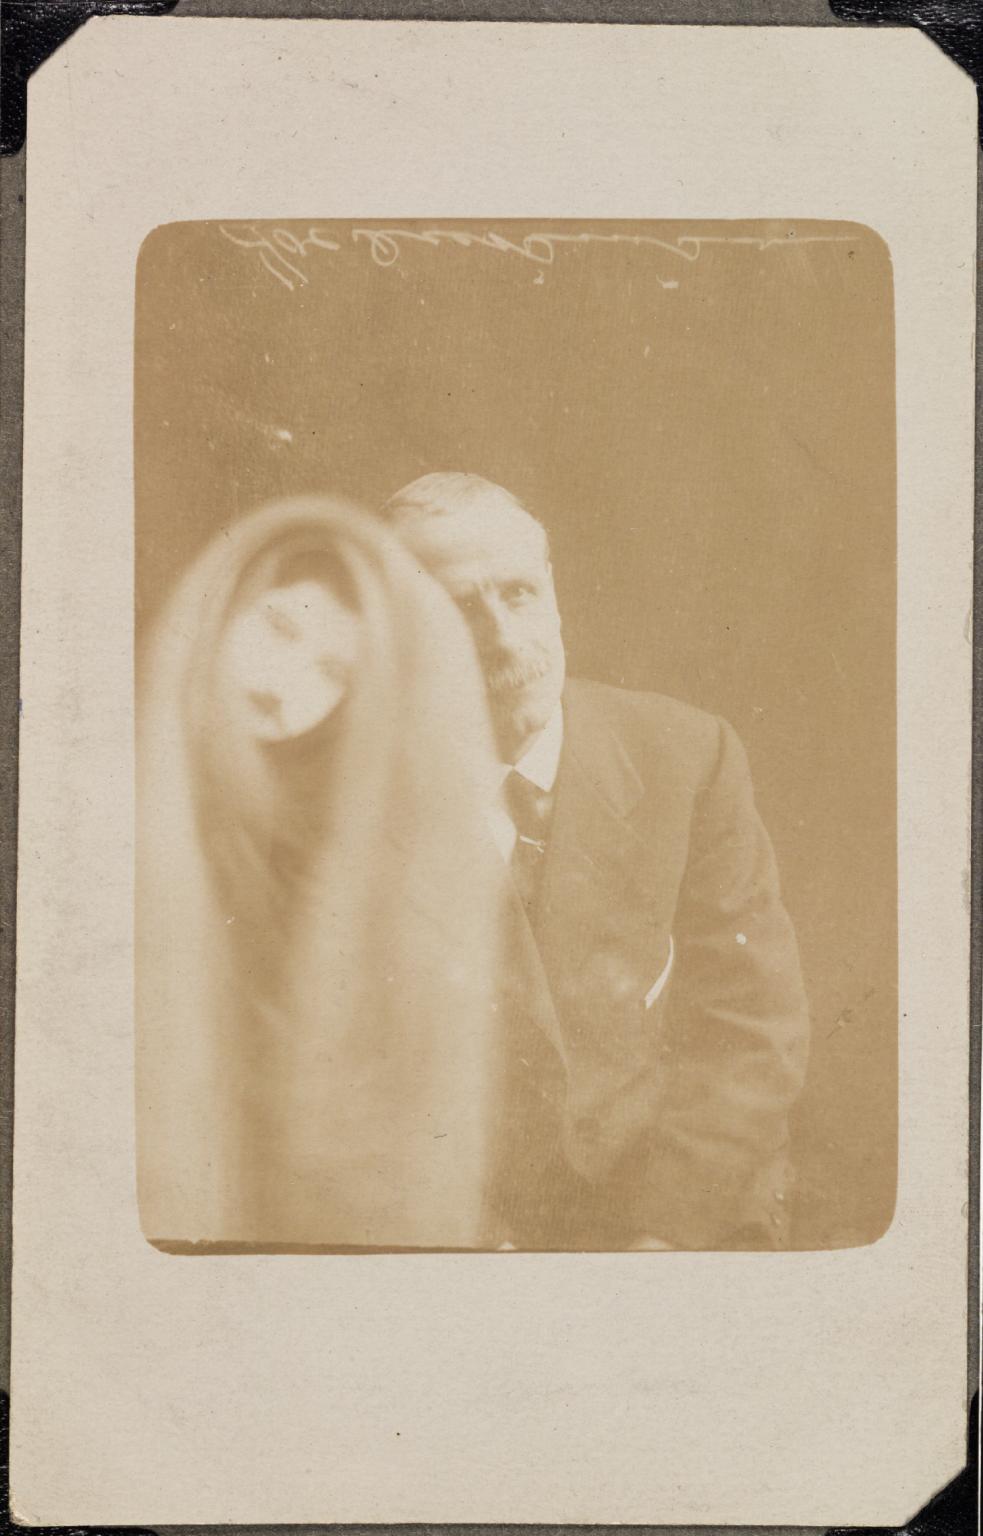 Призраки и привидения на старинных фотографиях Уильяма Хоупа